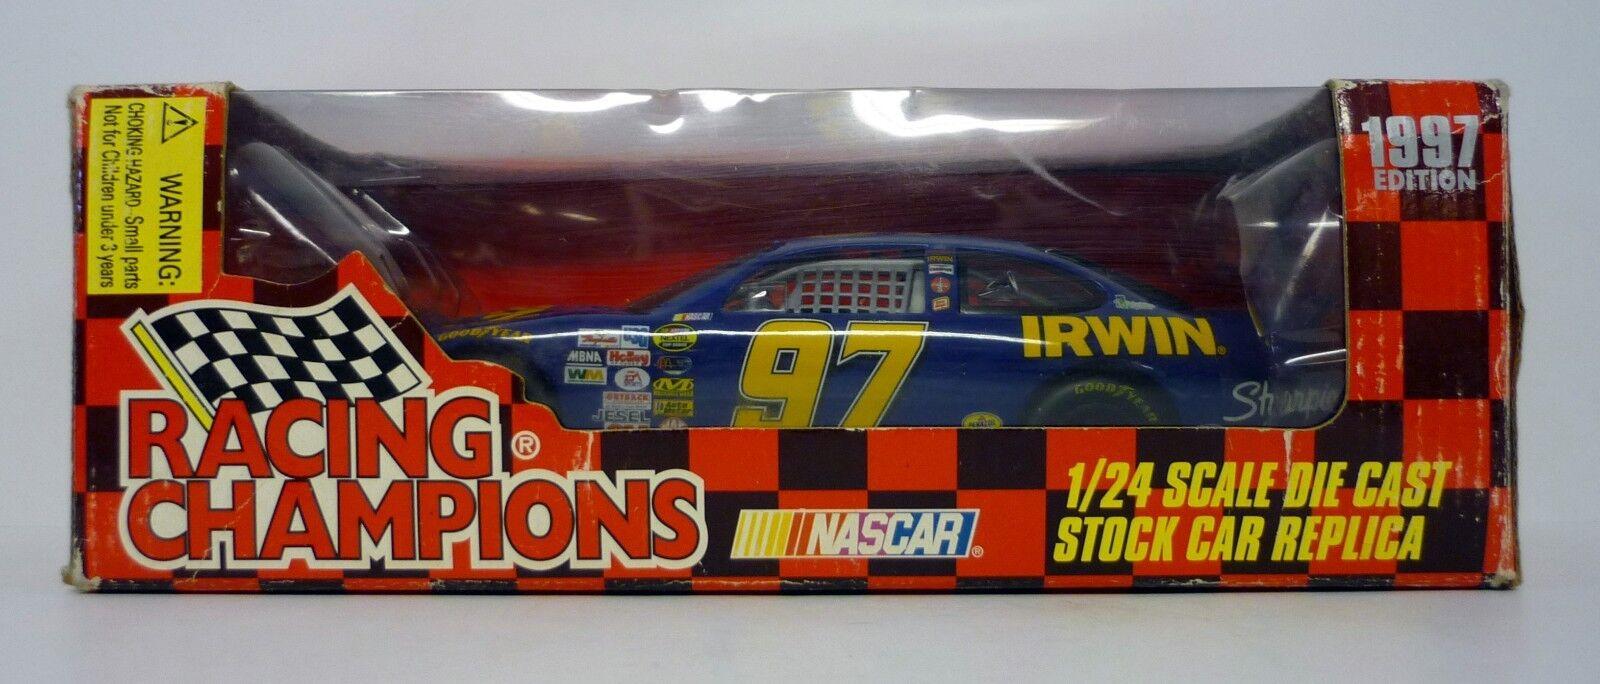 Course Champions Nasvoiture   97 Irwin 1 24 Moulé Voiture Kurt Busch Autographe 1997  jusqu'à 34% de réduction sur tous les produits